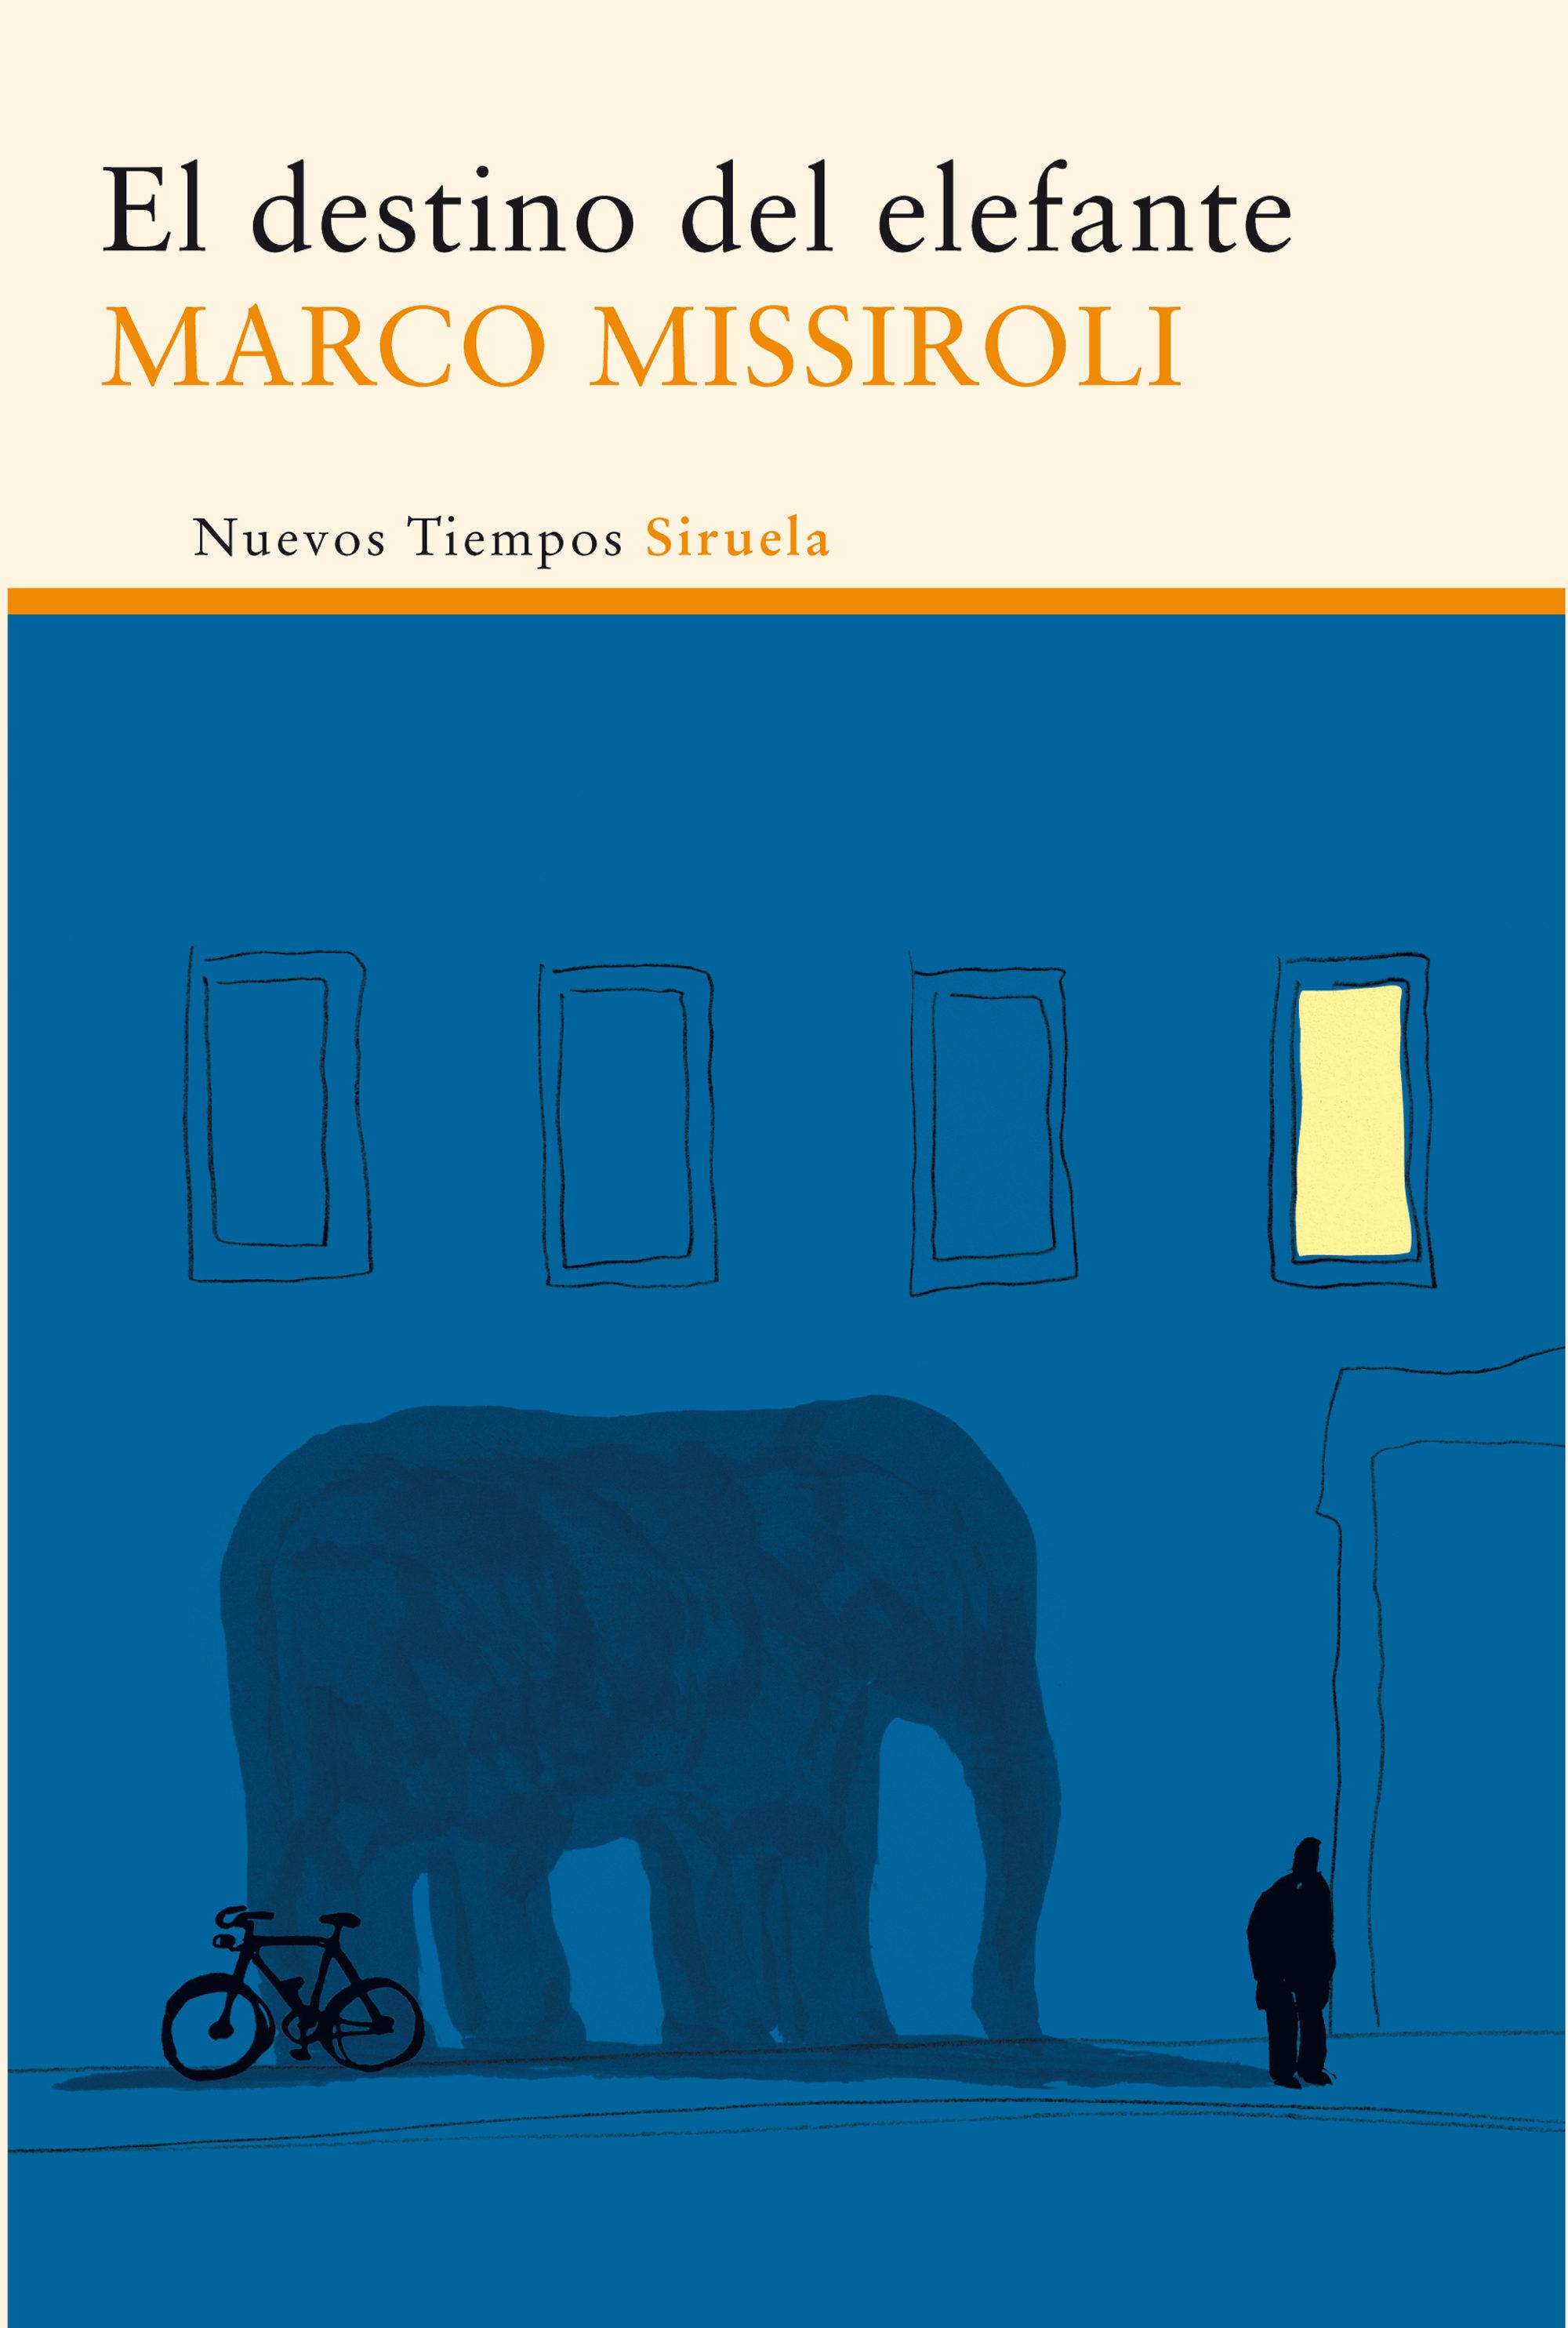 EL DESTINO DEL ELEFANTE | MARCO MISSIROLI | Comprar libro 9788415723950